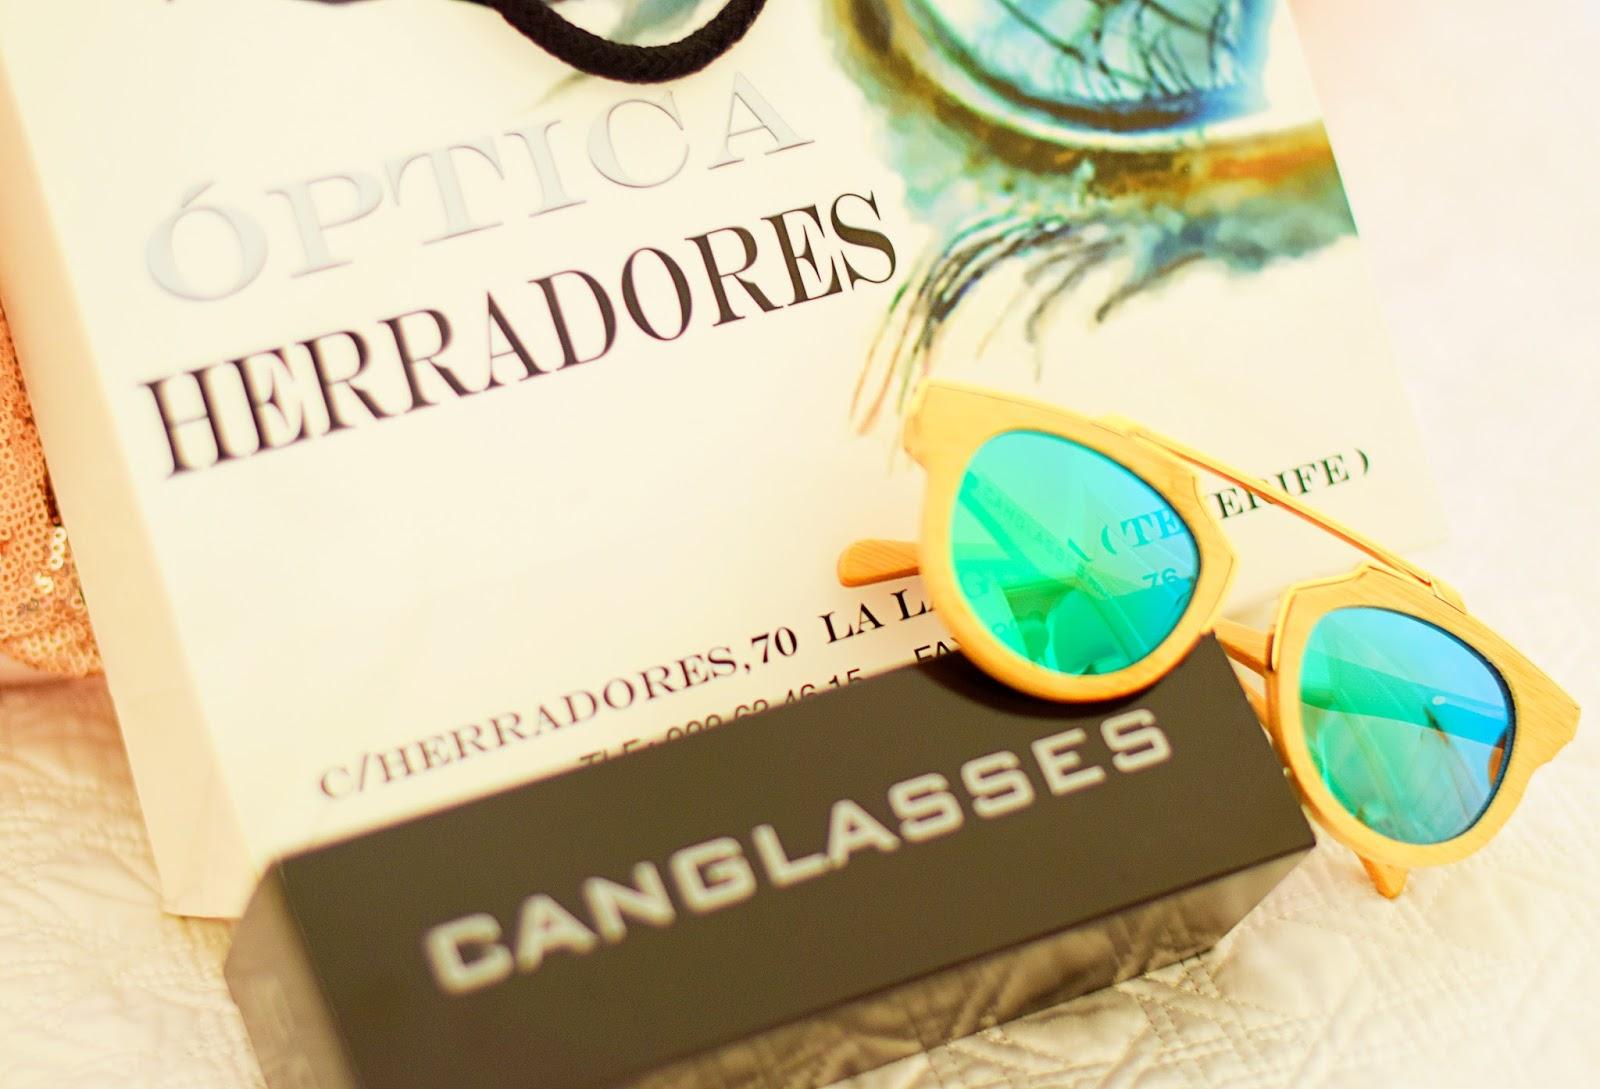 sorteo, opticalh, optica herradores, marca canaria. canglasses, nery hdez, gafas gratis